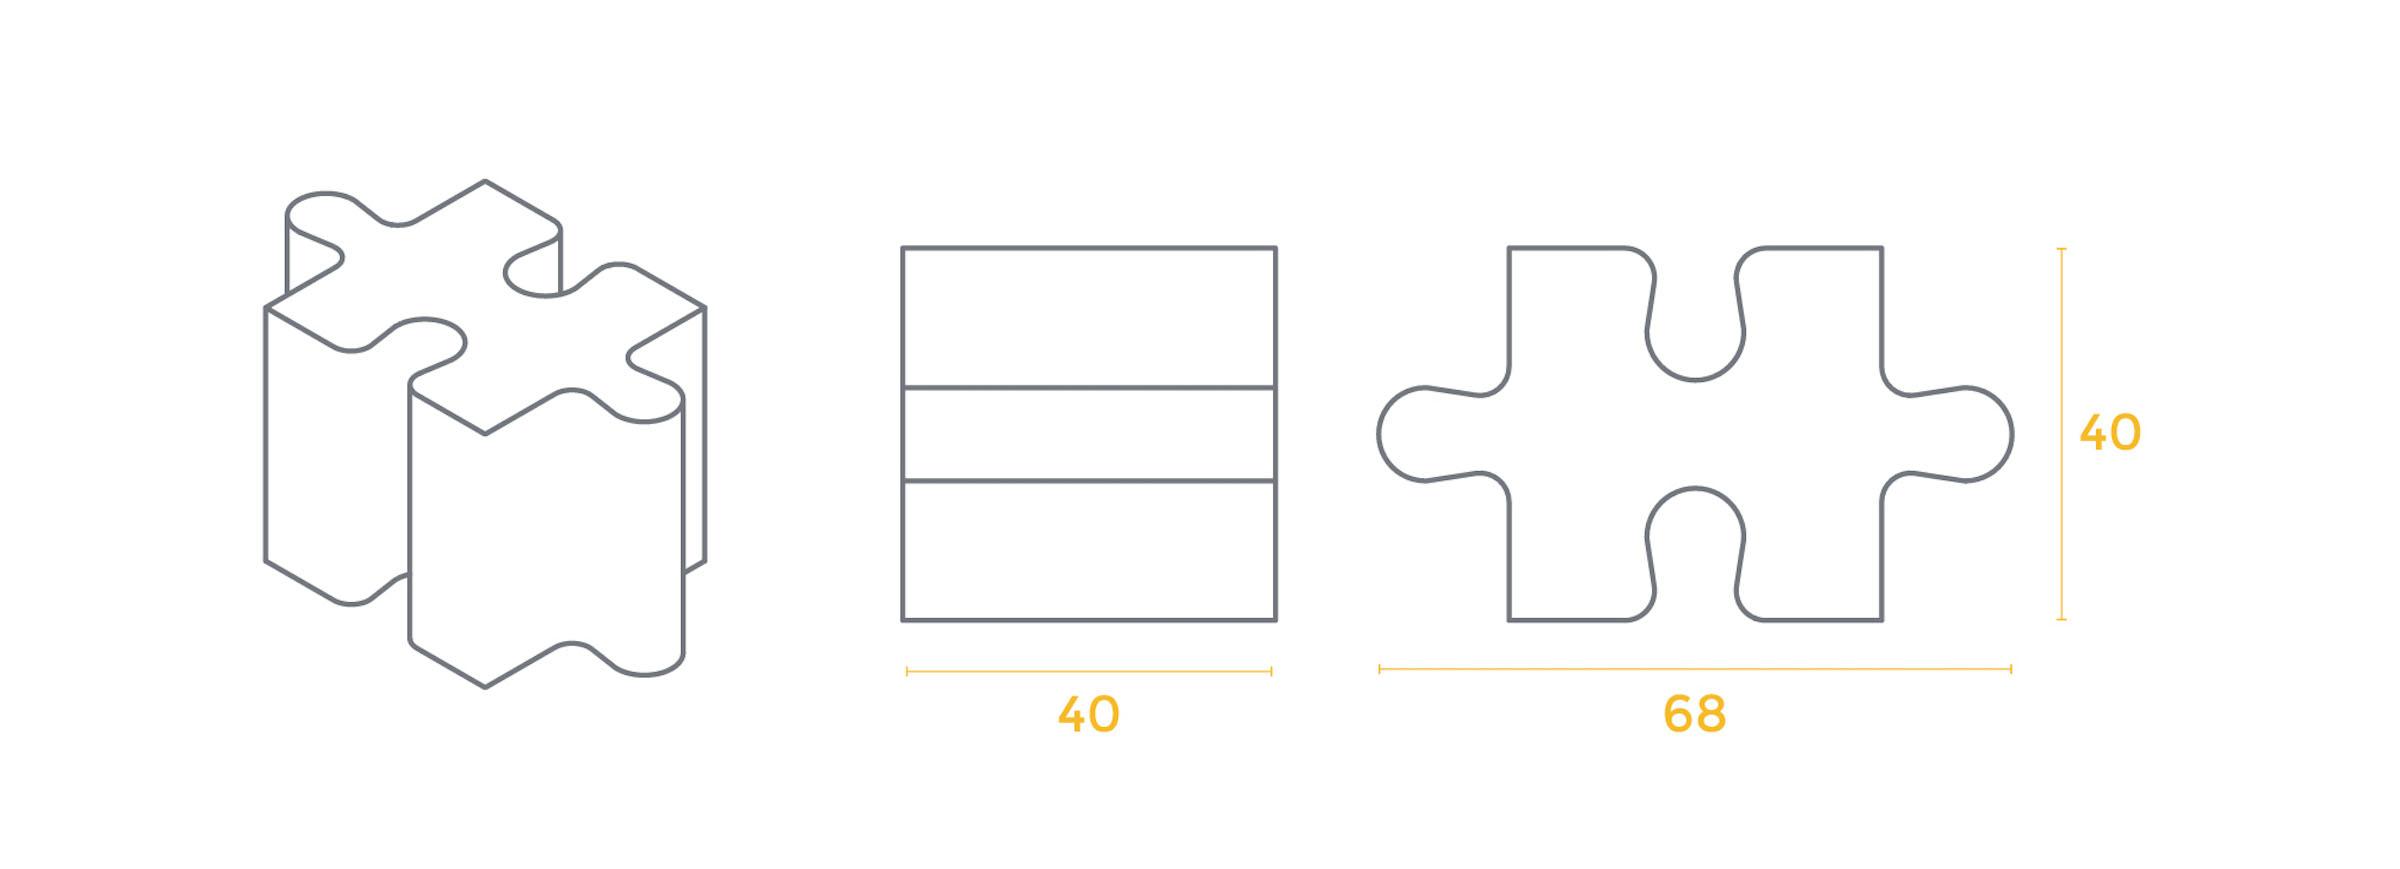 Puzzle_03